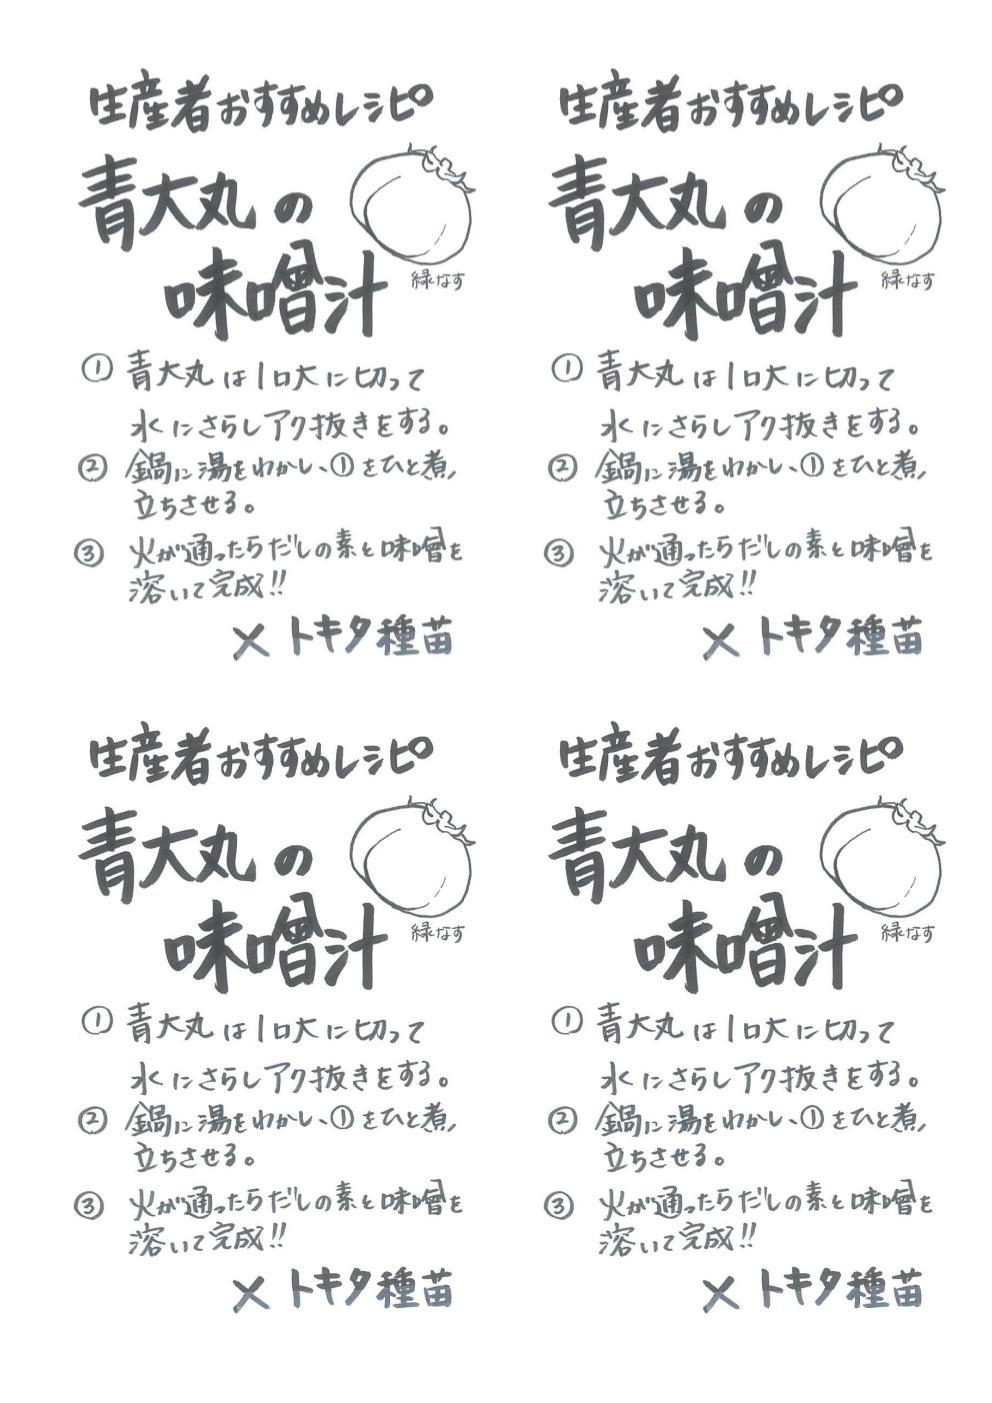 青大丸の味噌汁手書きレシピ